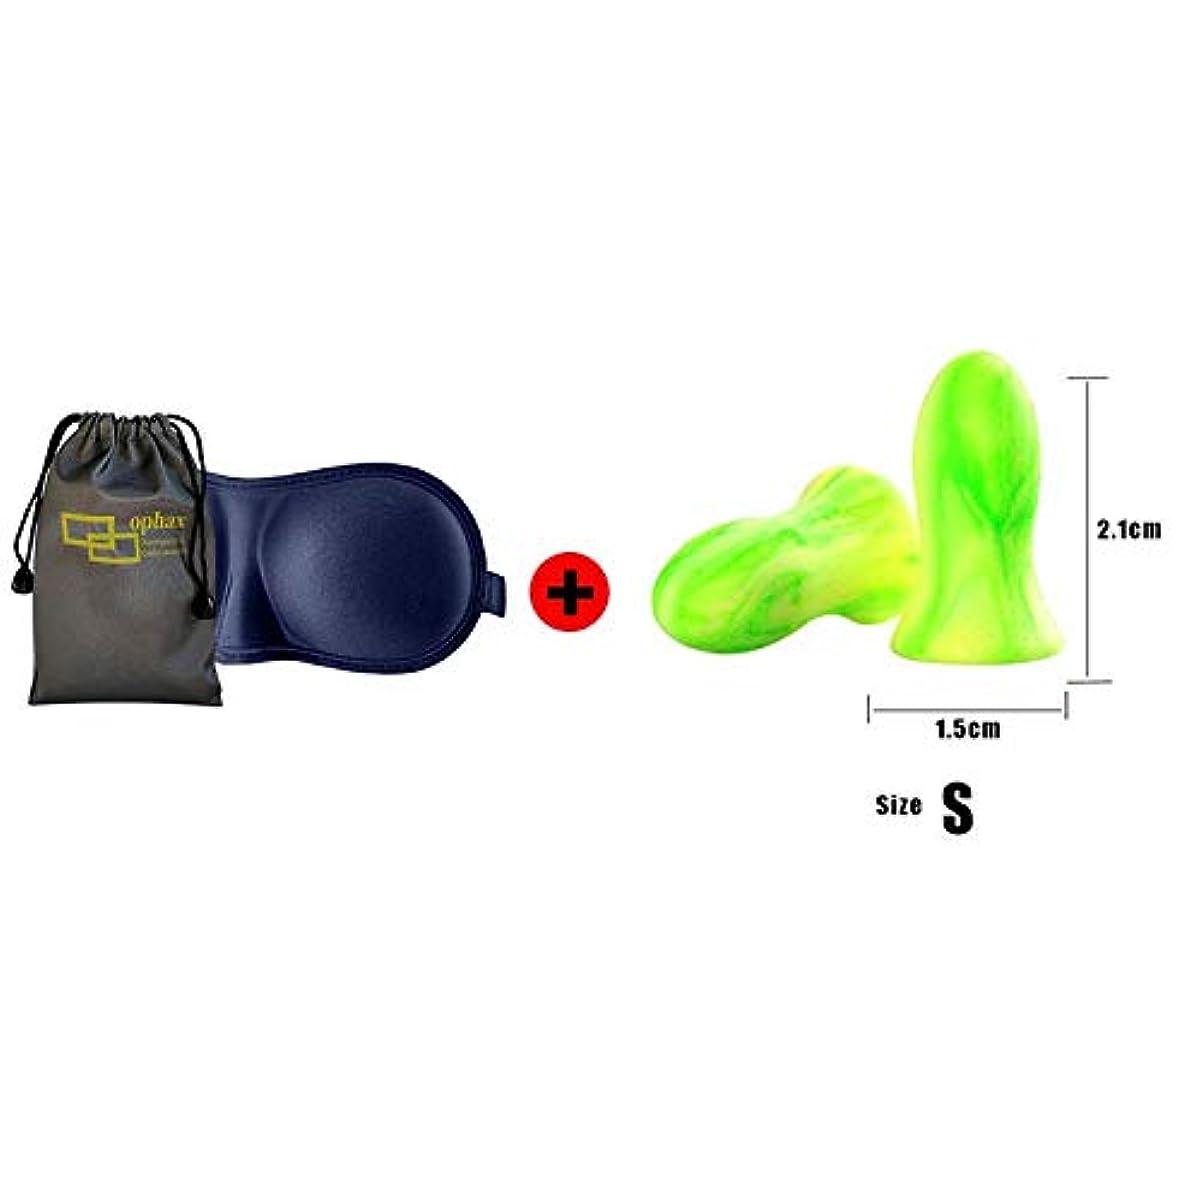 ホテルリズムフォーラムNOTE Ophax soft 3dスリーピングアイマスクシェーディングマスク用睡眠調節可能ベルクロポータブルアイシェードカバートラベルアイパッチ+耳栓